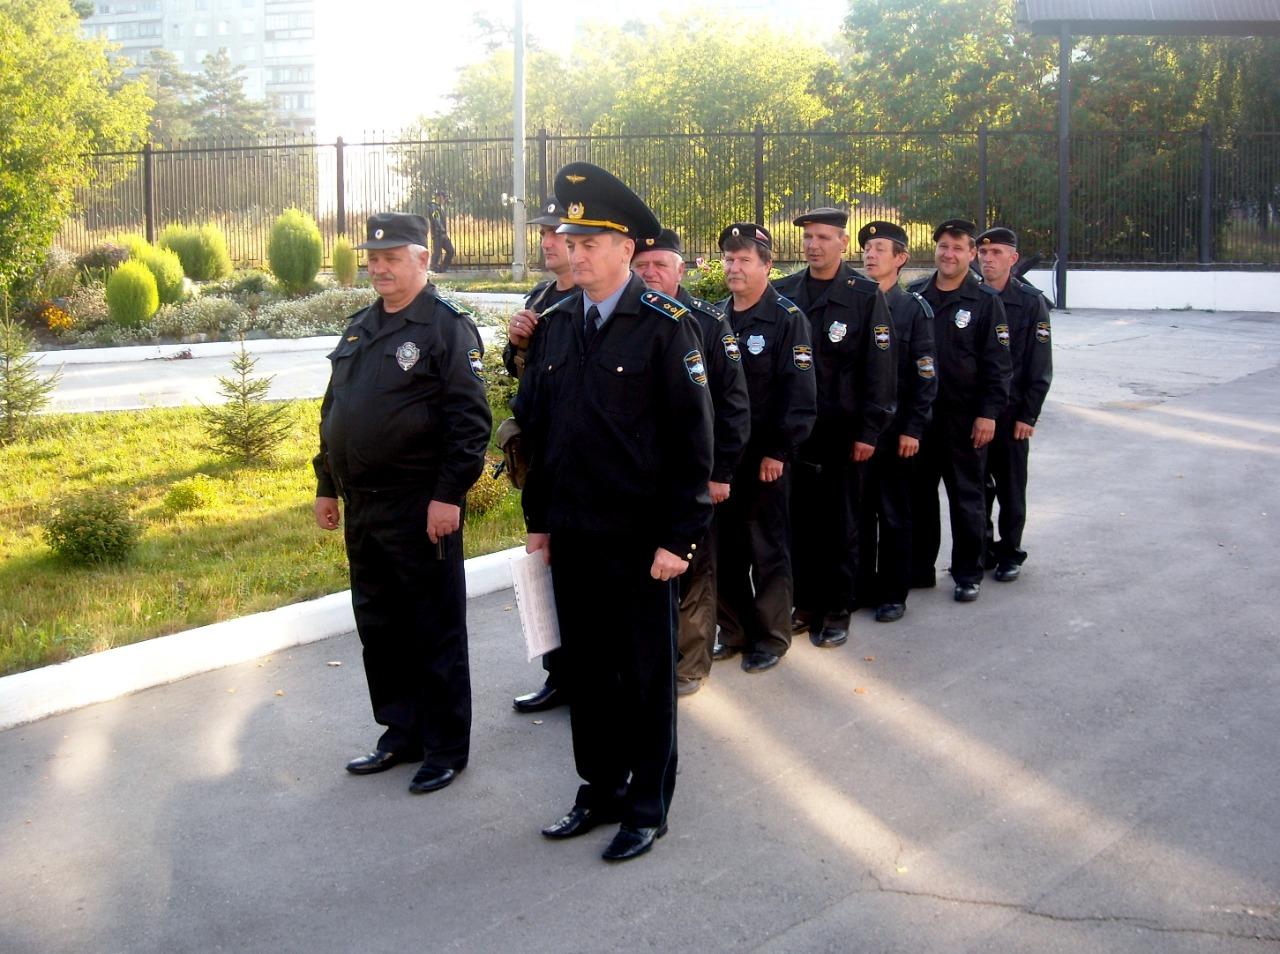 За 18 лет охрана Минтранса в Сибири не допустила ни одного незаконного вмешательства